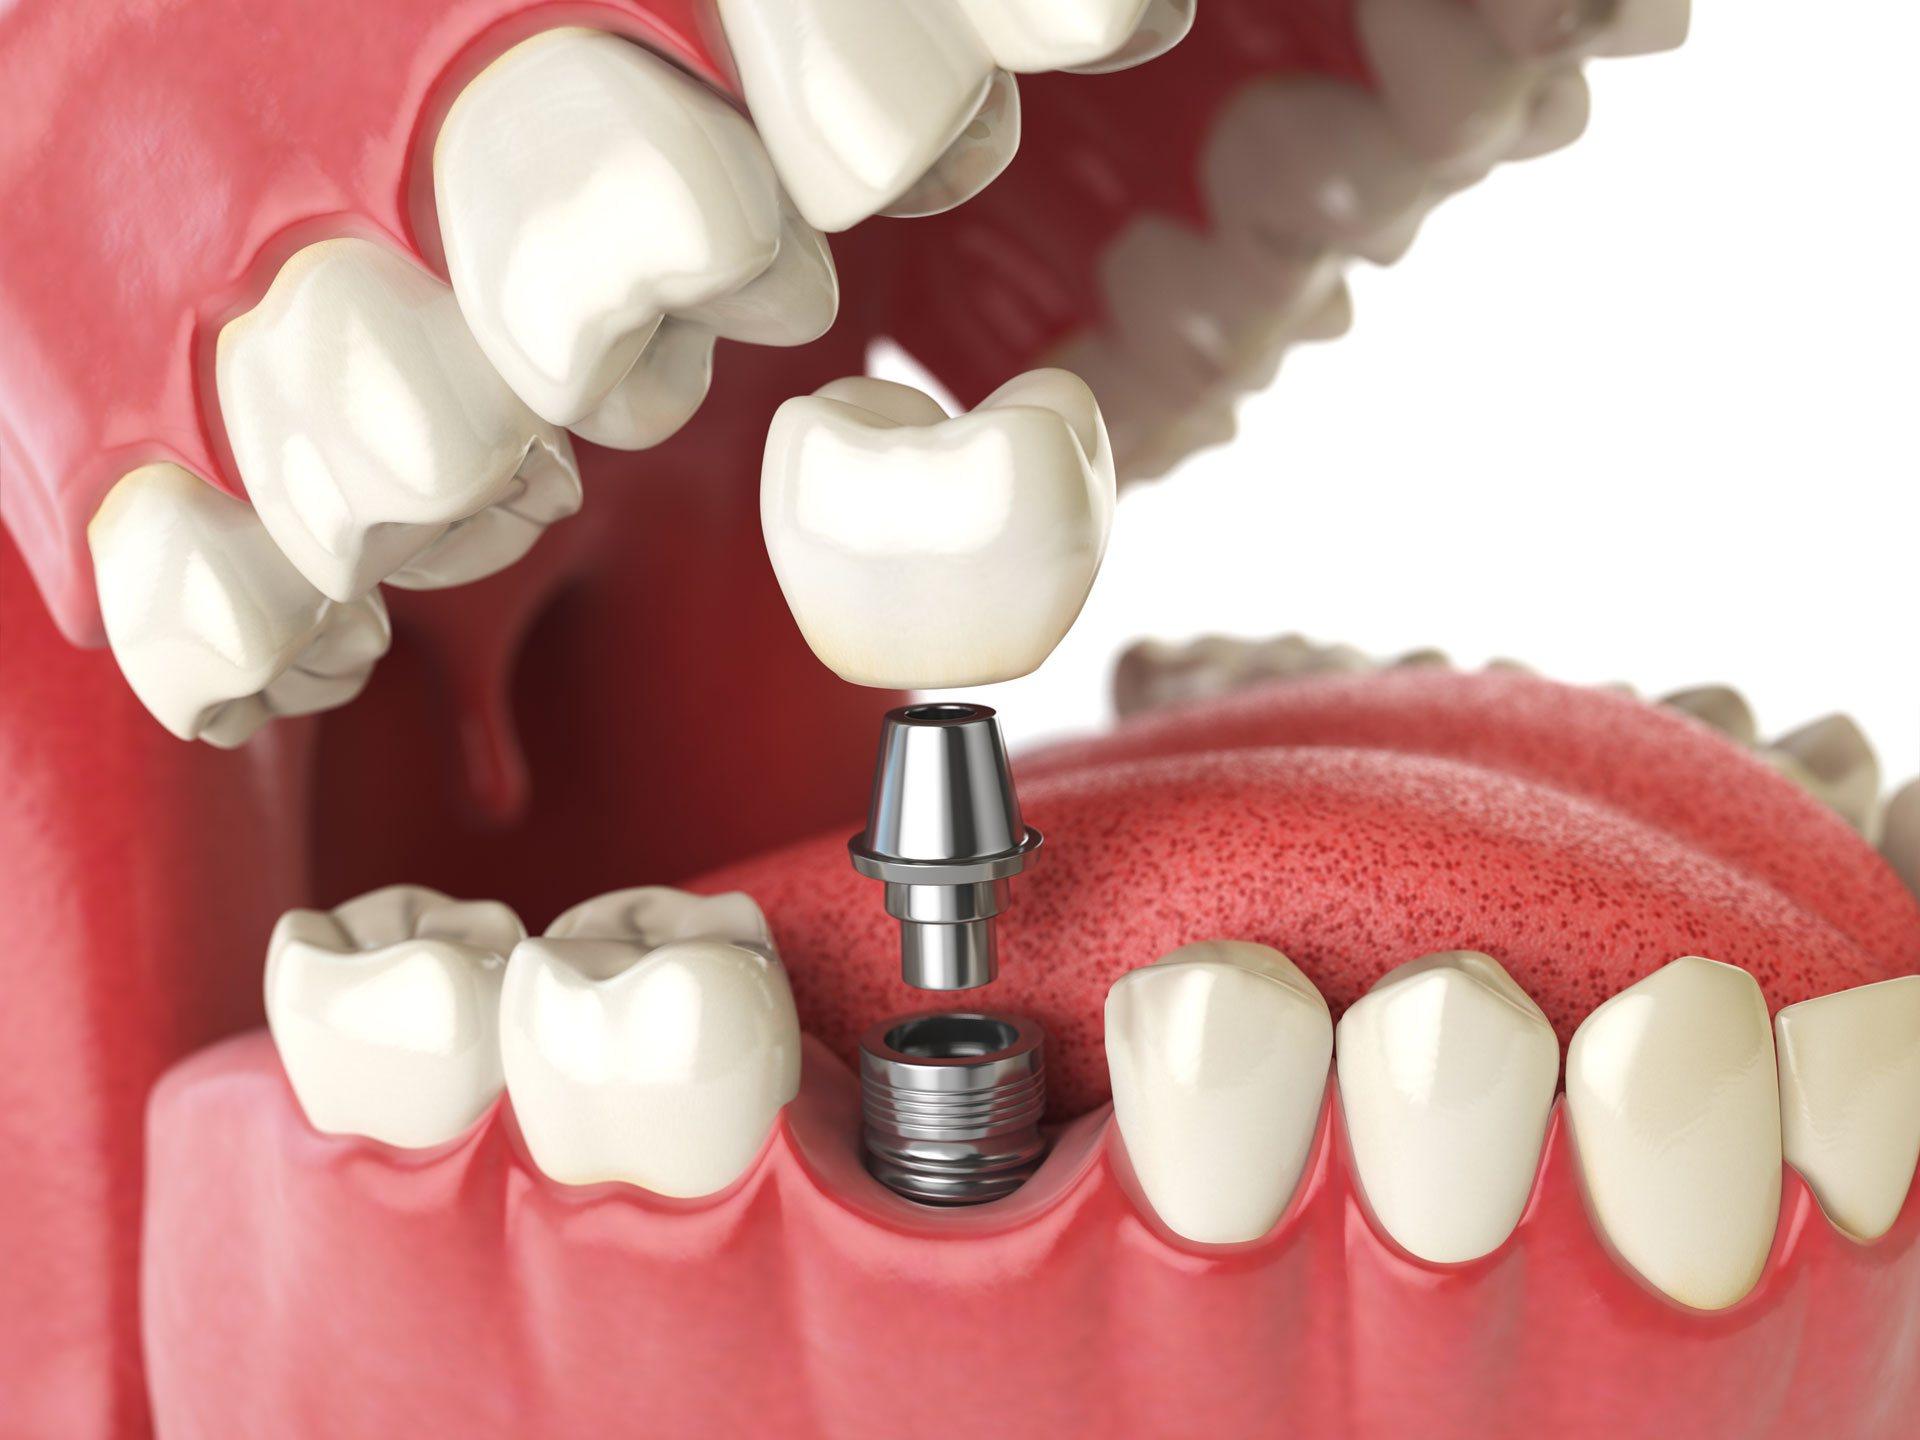 Импланты зубные в картинках